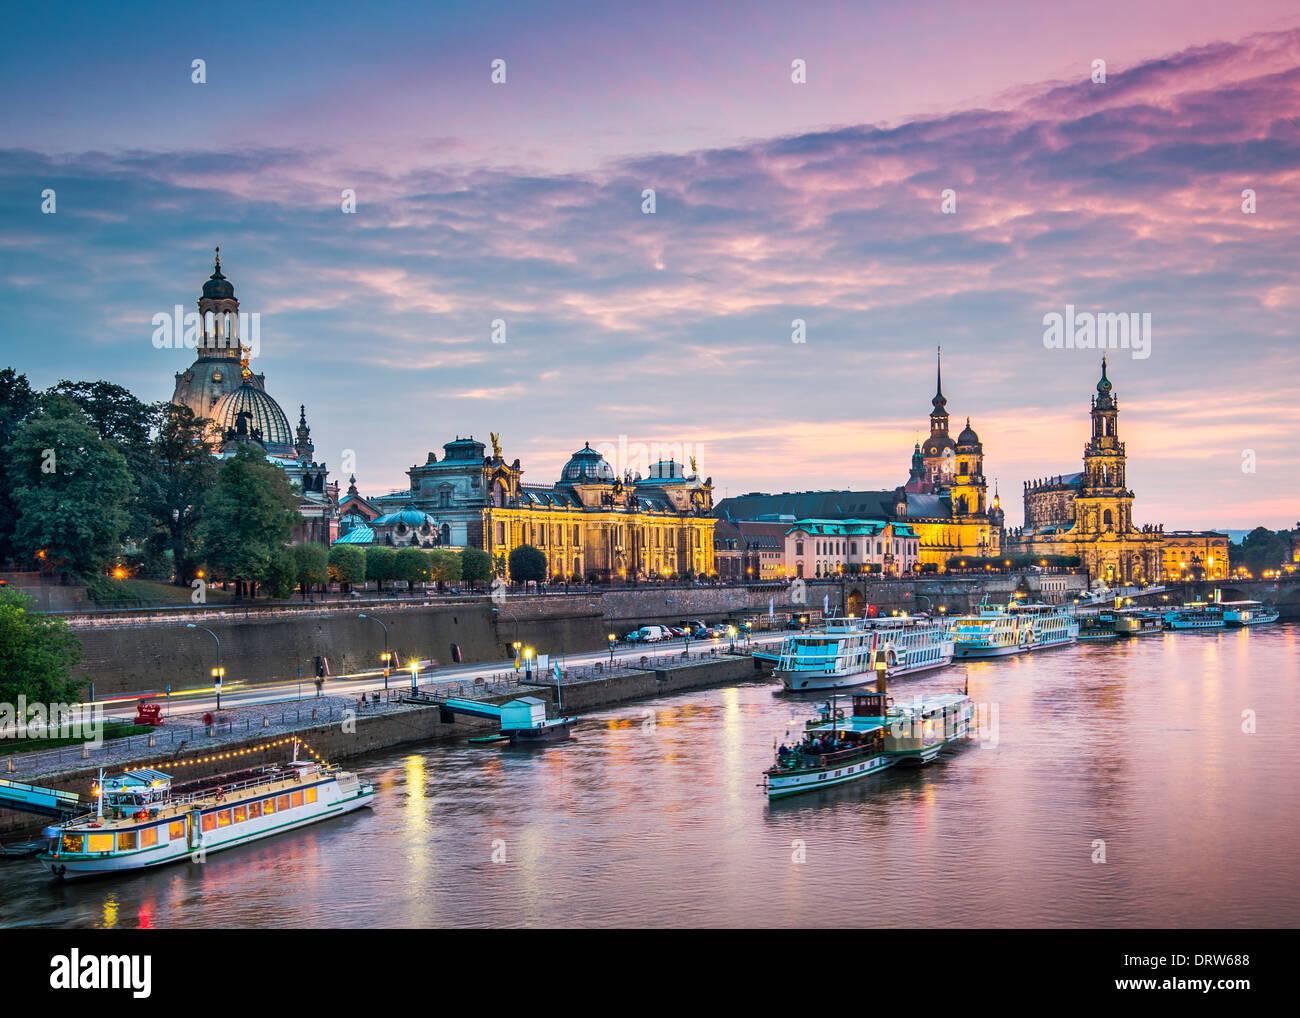 Dresde, Allemagne au-dessus de l'Elbe. Banque D'Images